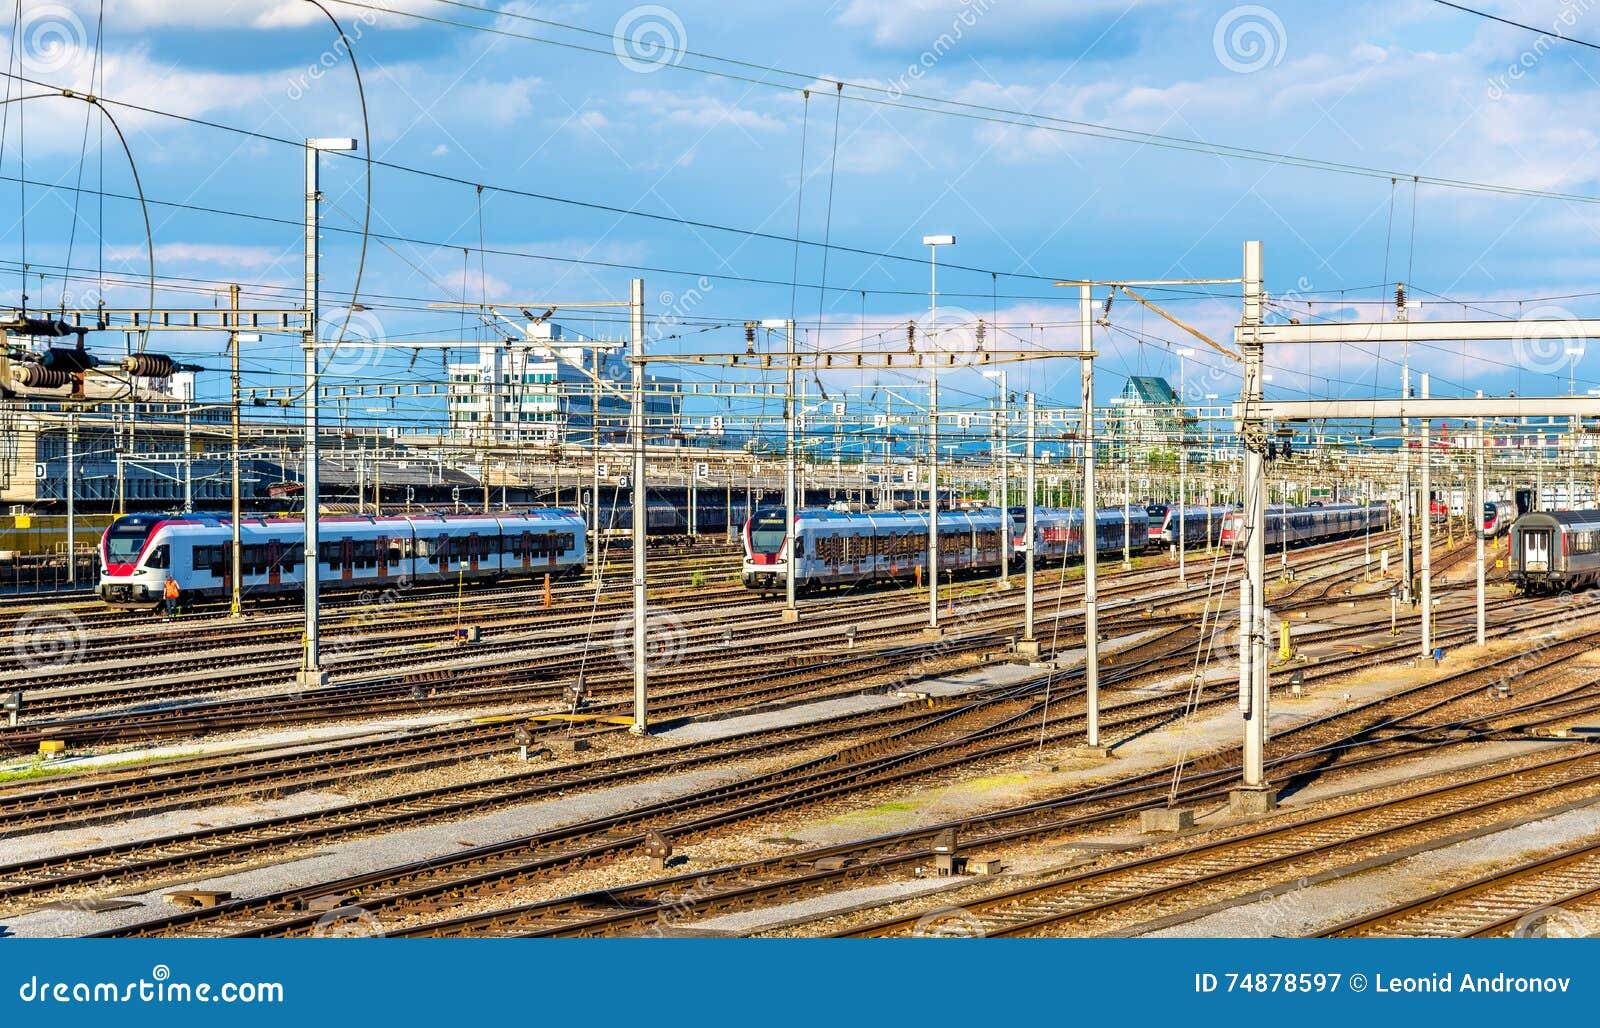 Ideia da estação de trem de Basileia SBB